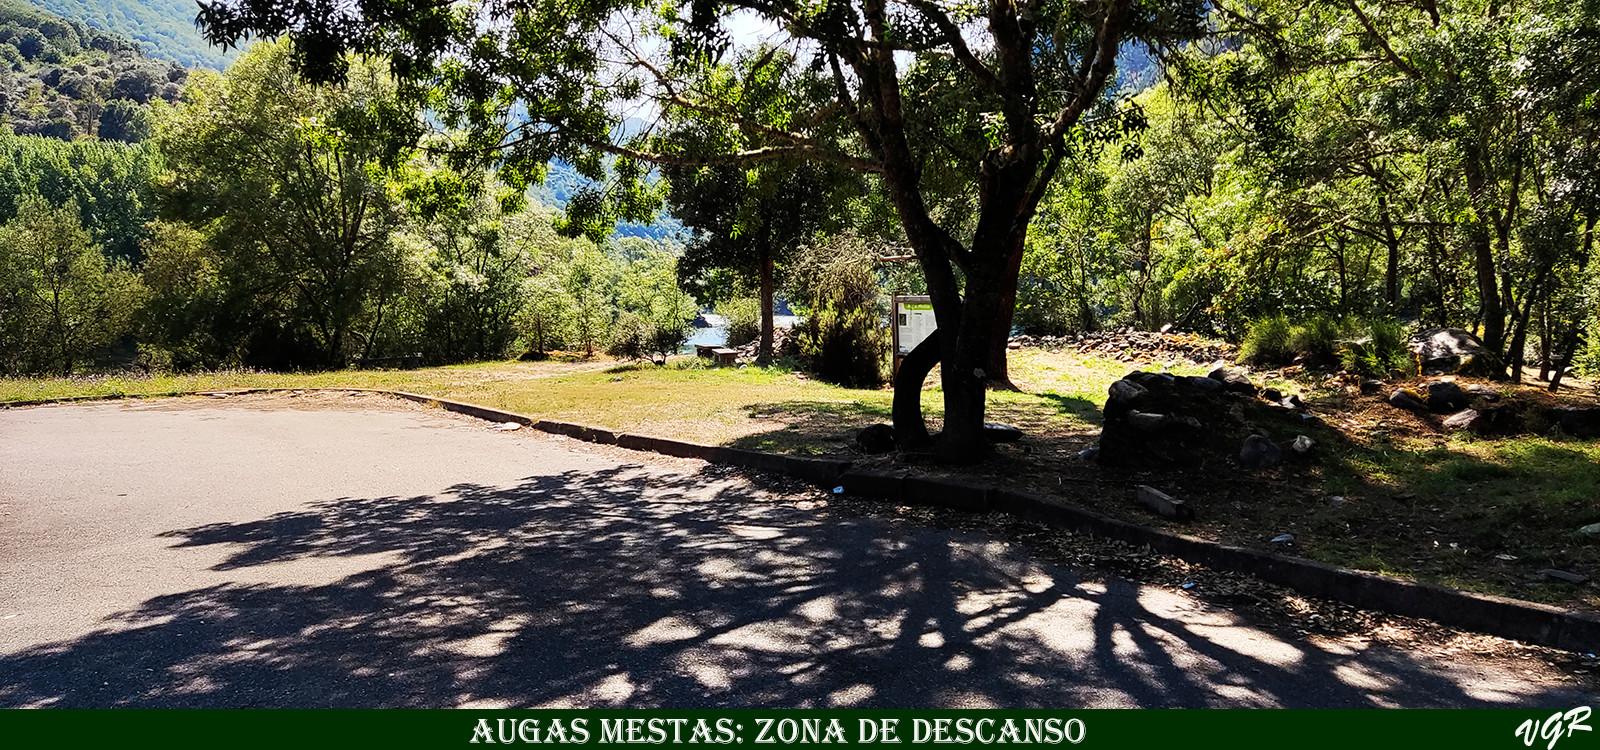 8-Augas Mestas zona estancial2-WEB.jpg